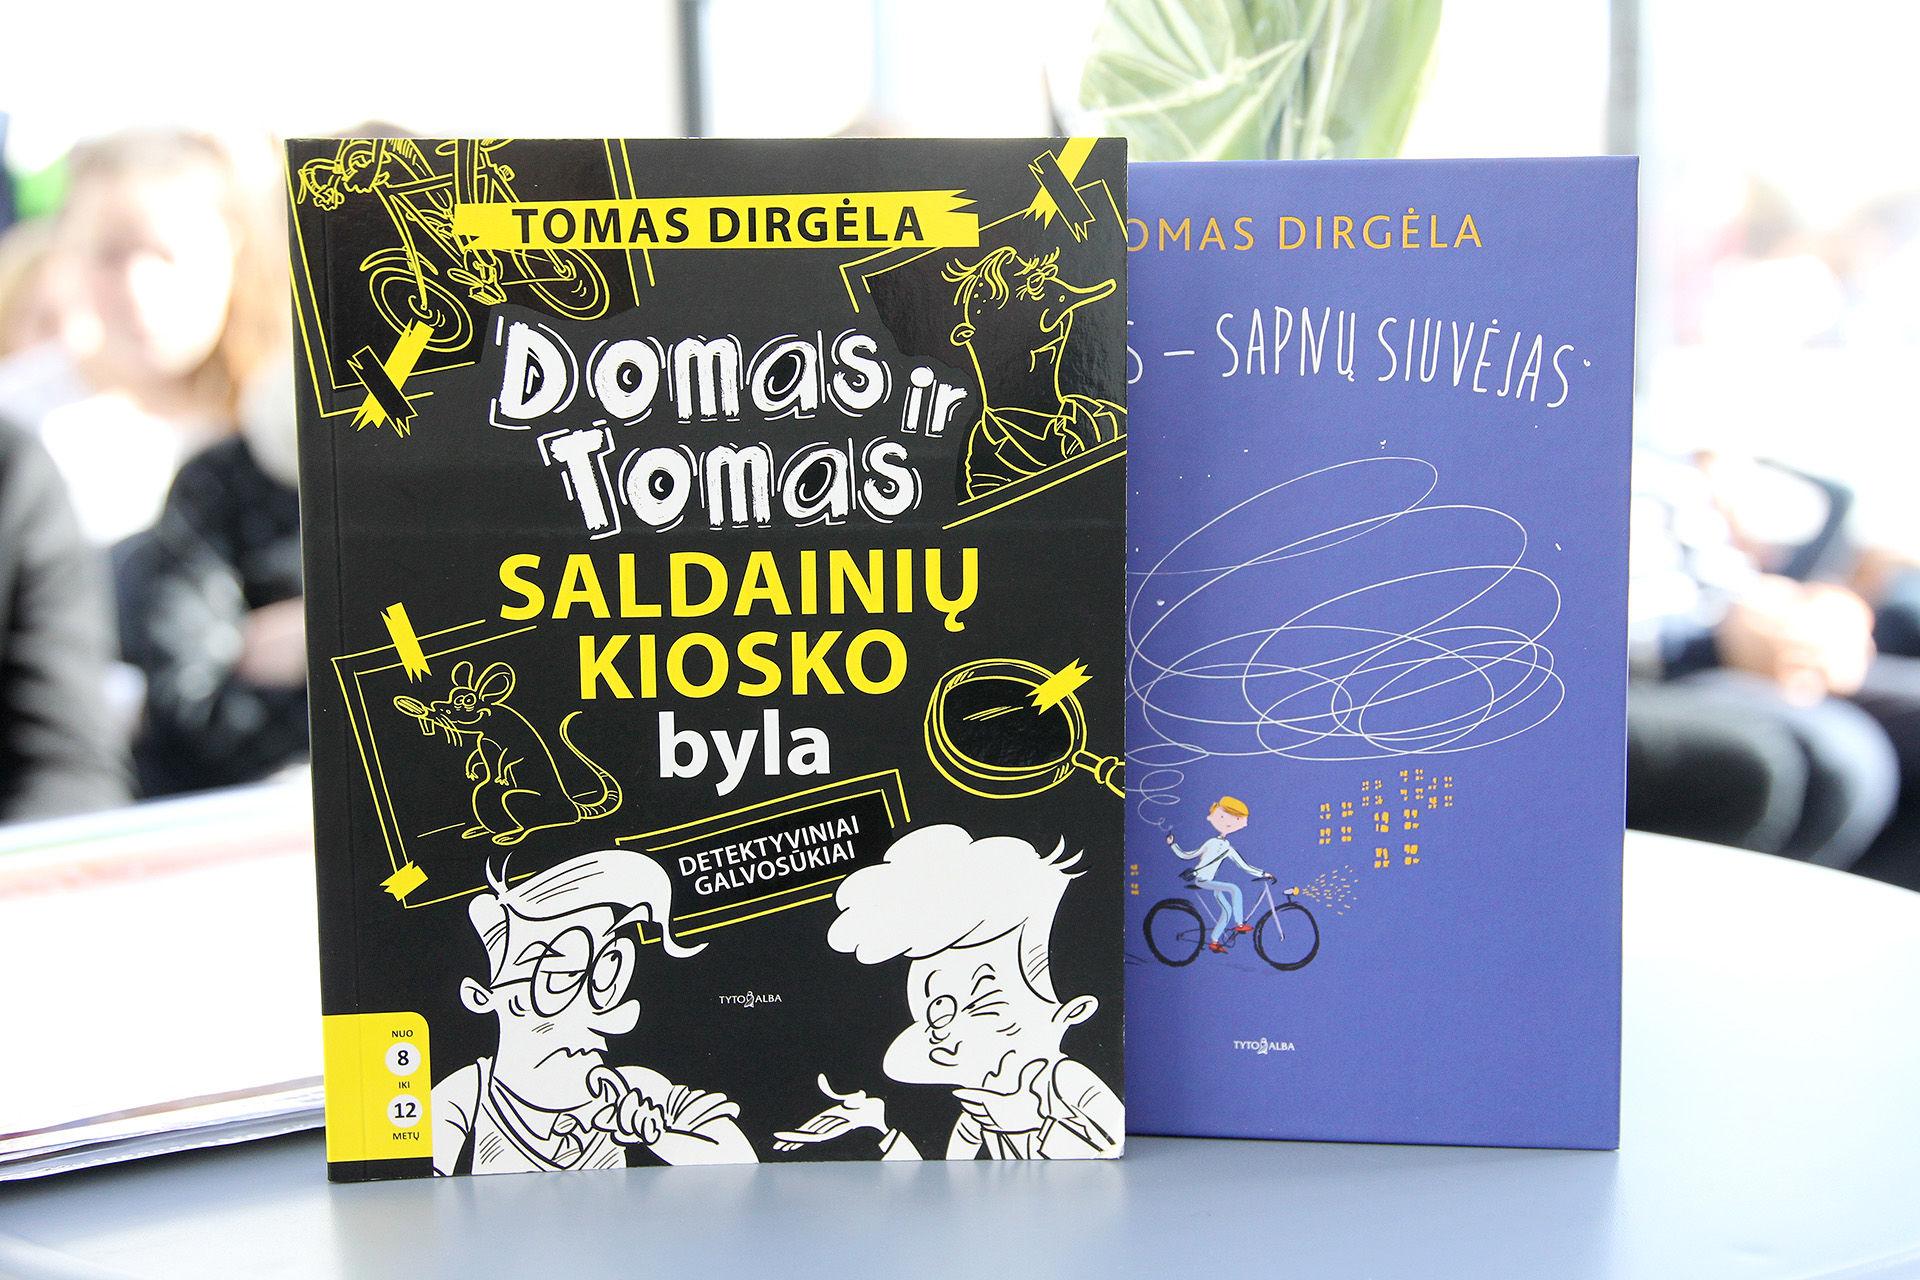 Tomas Dirgėla į vaikų širdis prisibelsti bando pasitelkdamas humorą, jo gausu tiek jo knygose, tiek pačių knygų pristatymuose. A. Barzdžiaus nuotr.